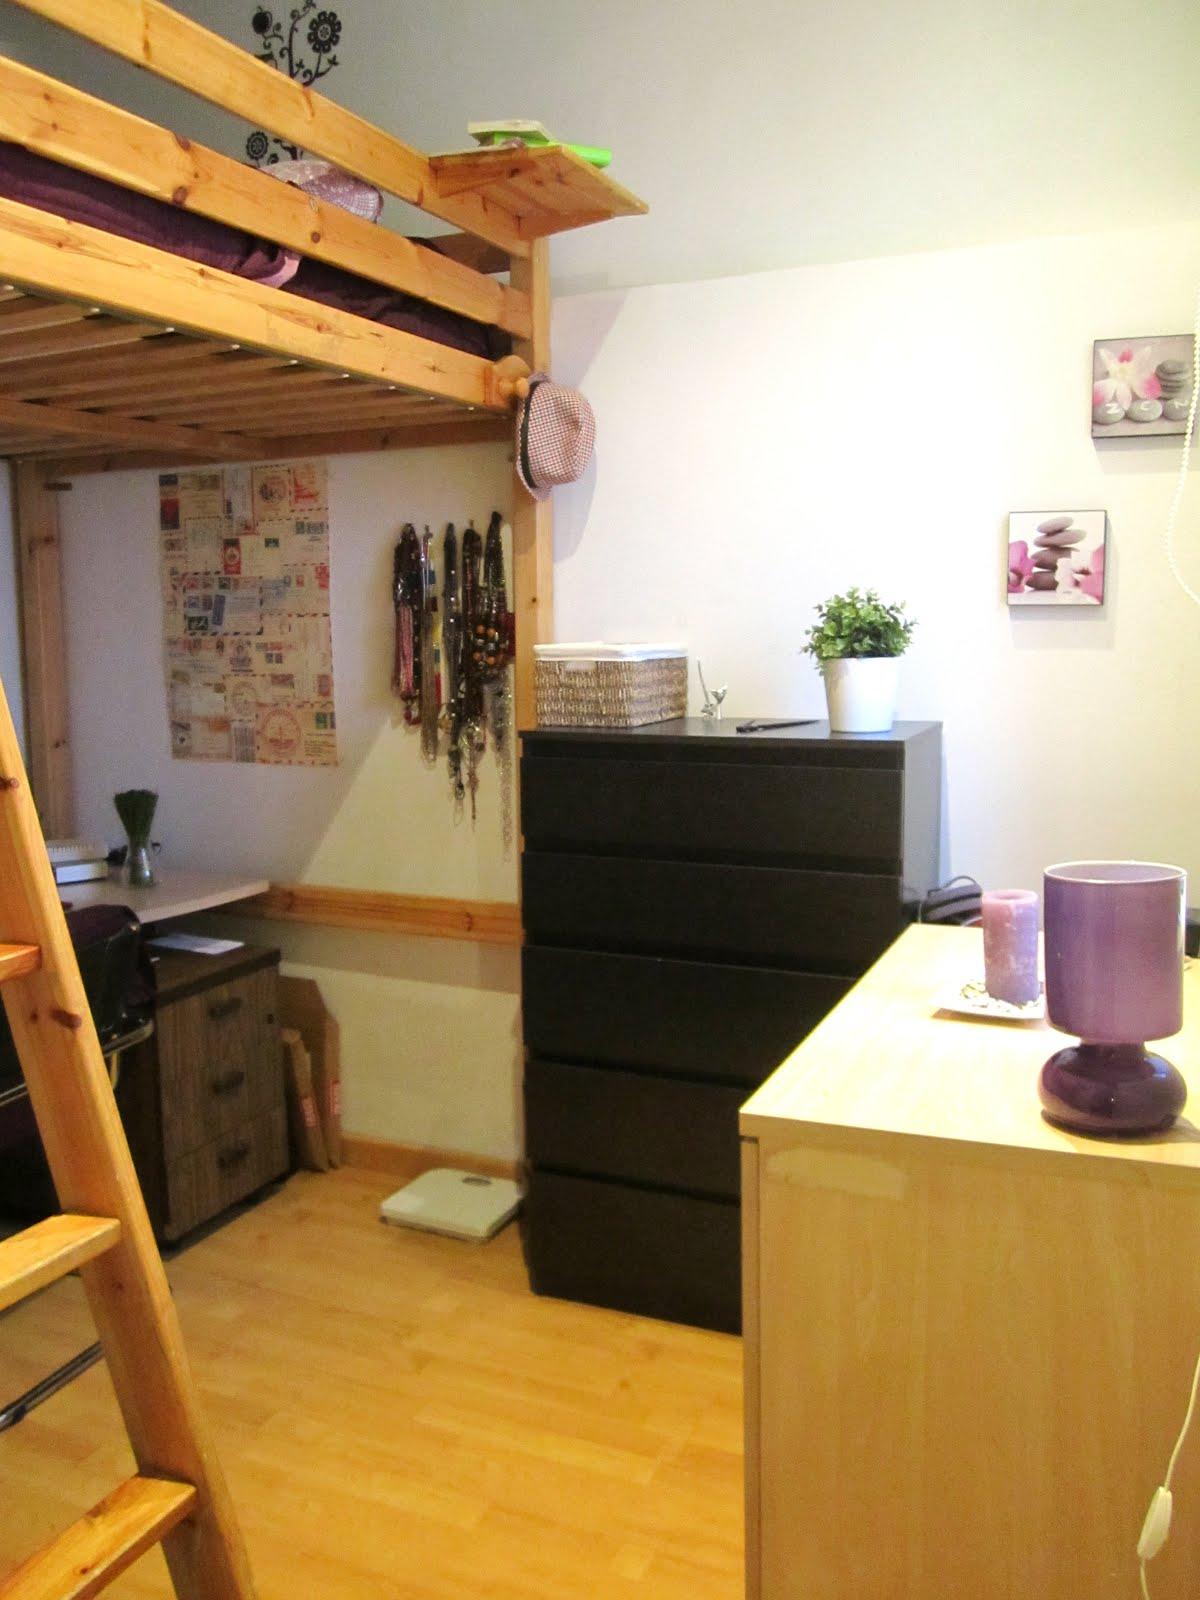 Naifandtastic decoraci n craft hecho a mano - Aprovechar espacio cocina ...